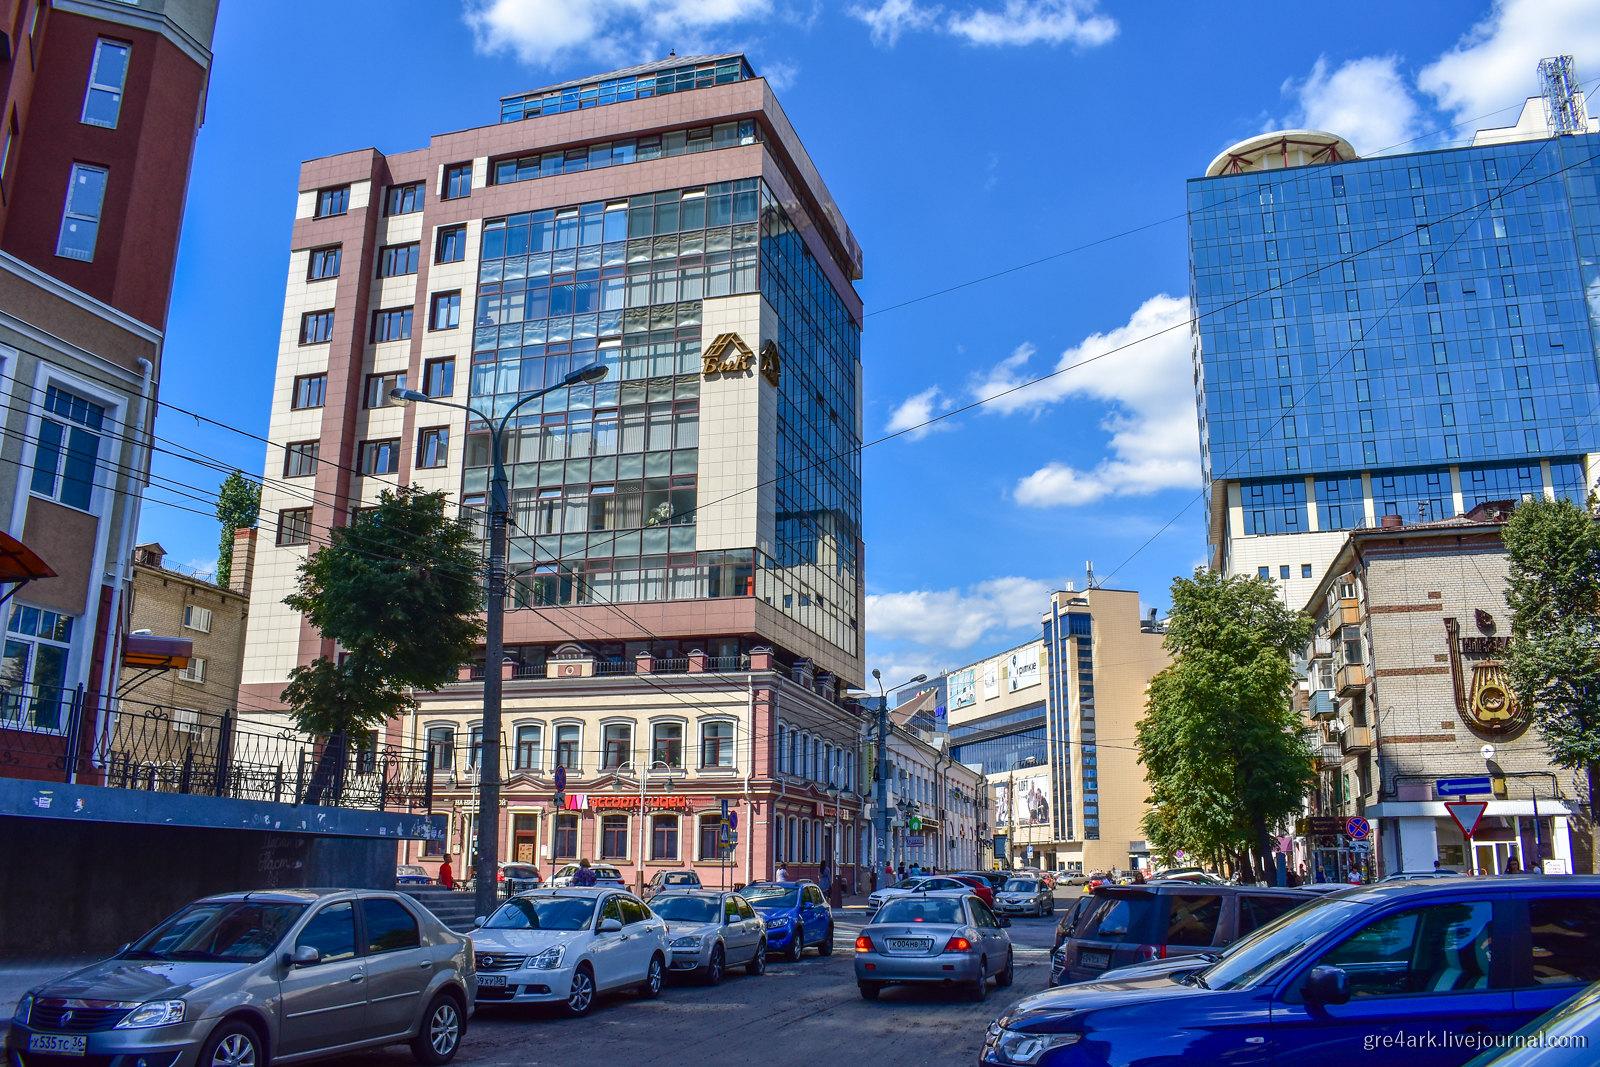 Воронеж, вам комфортно на дне? архитектура